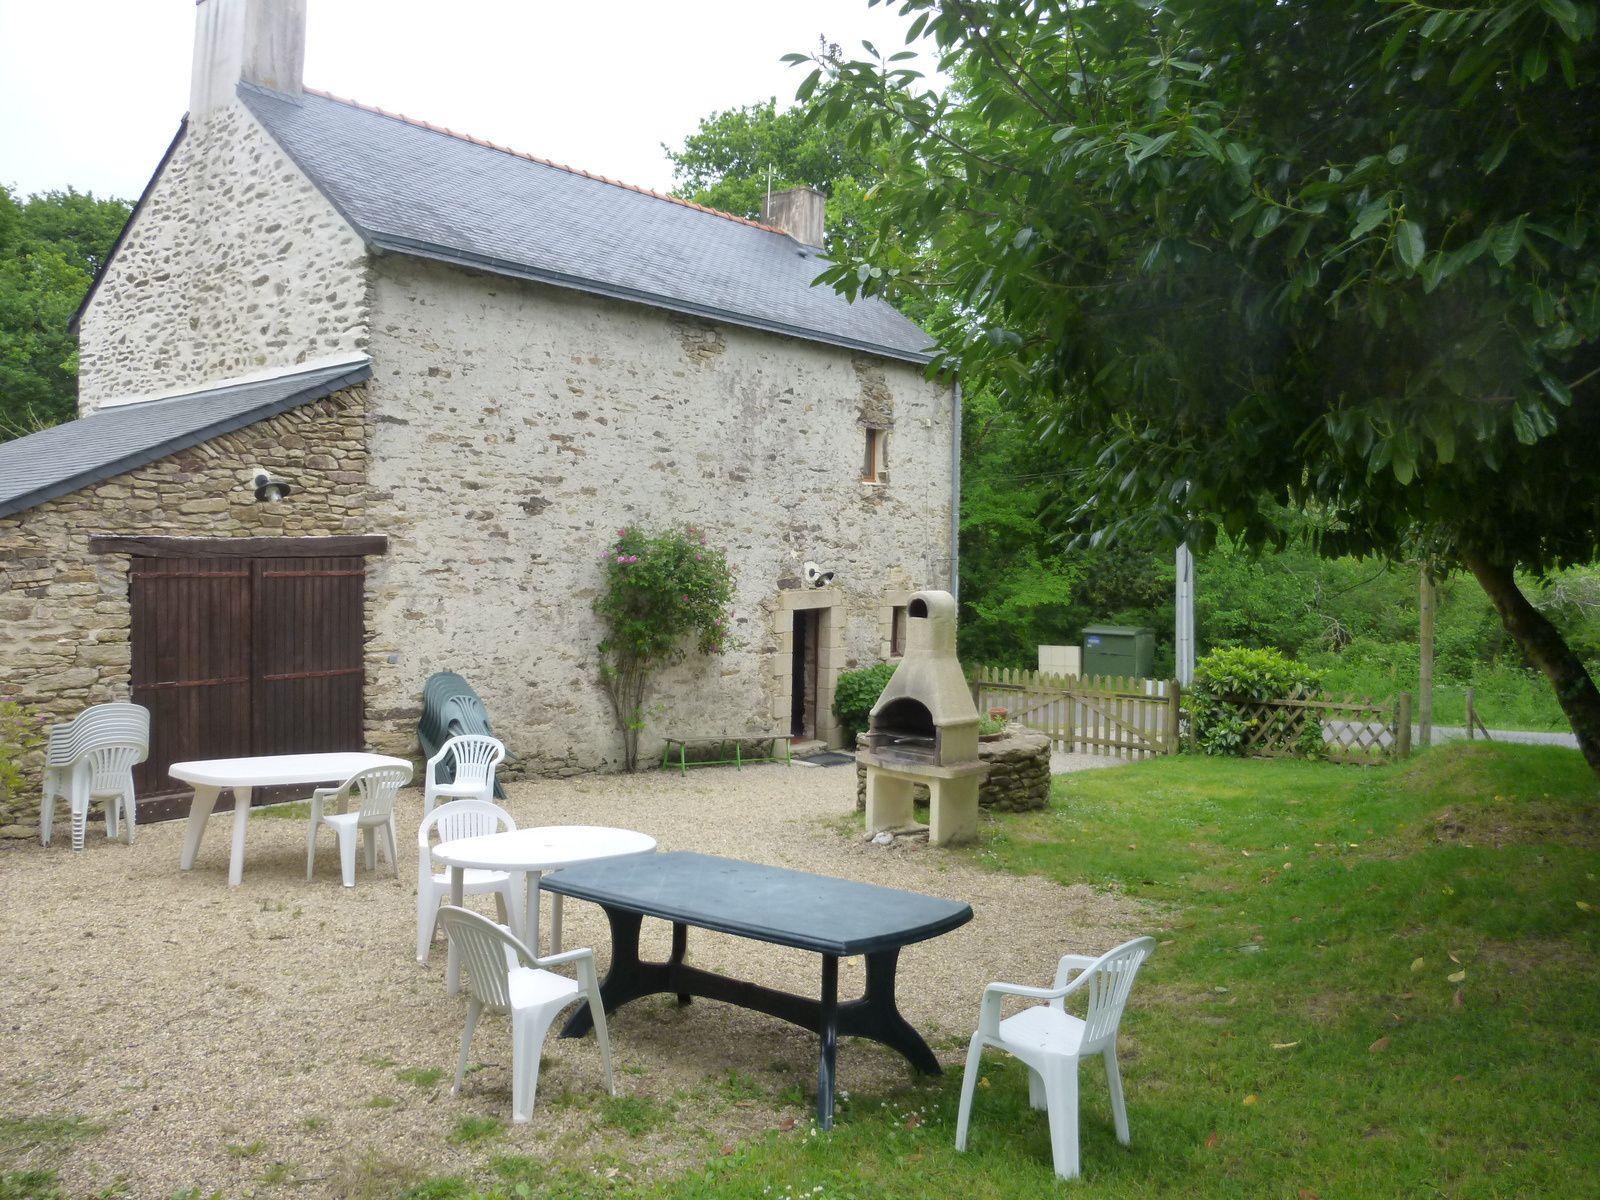 balisage bi-lingue s'il vous plaît - le Marais salant de Lasné - le Gîte de Quintin en sarzeau - le Quadrille et Yannick hôte du Gîte.